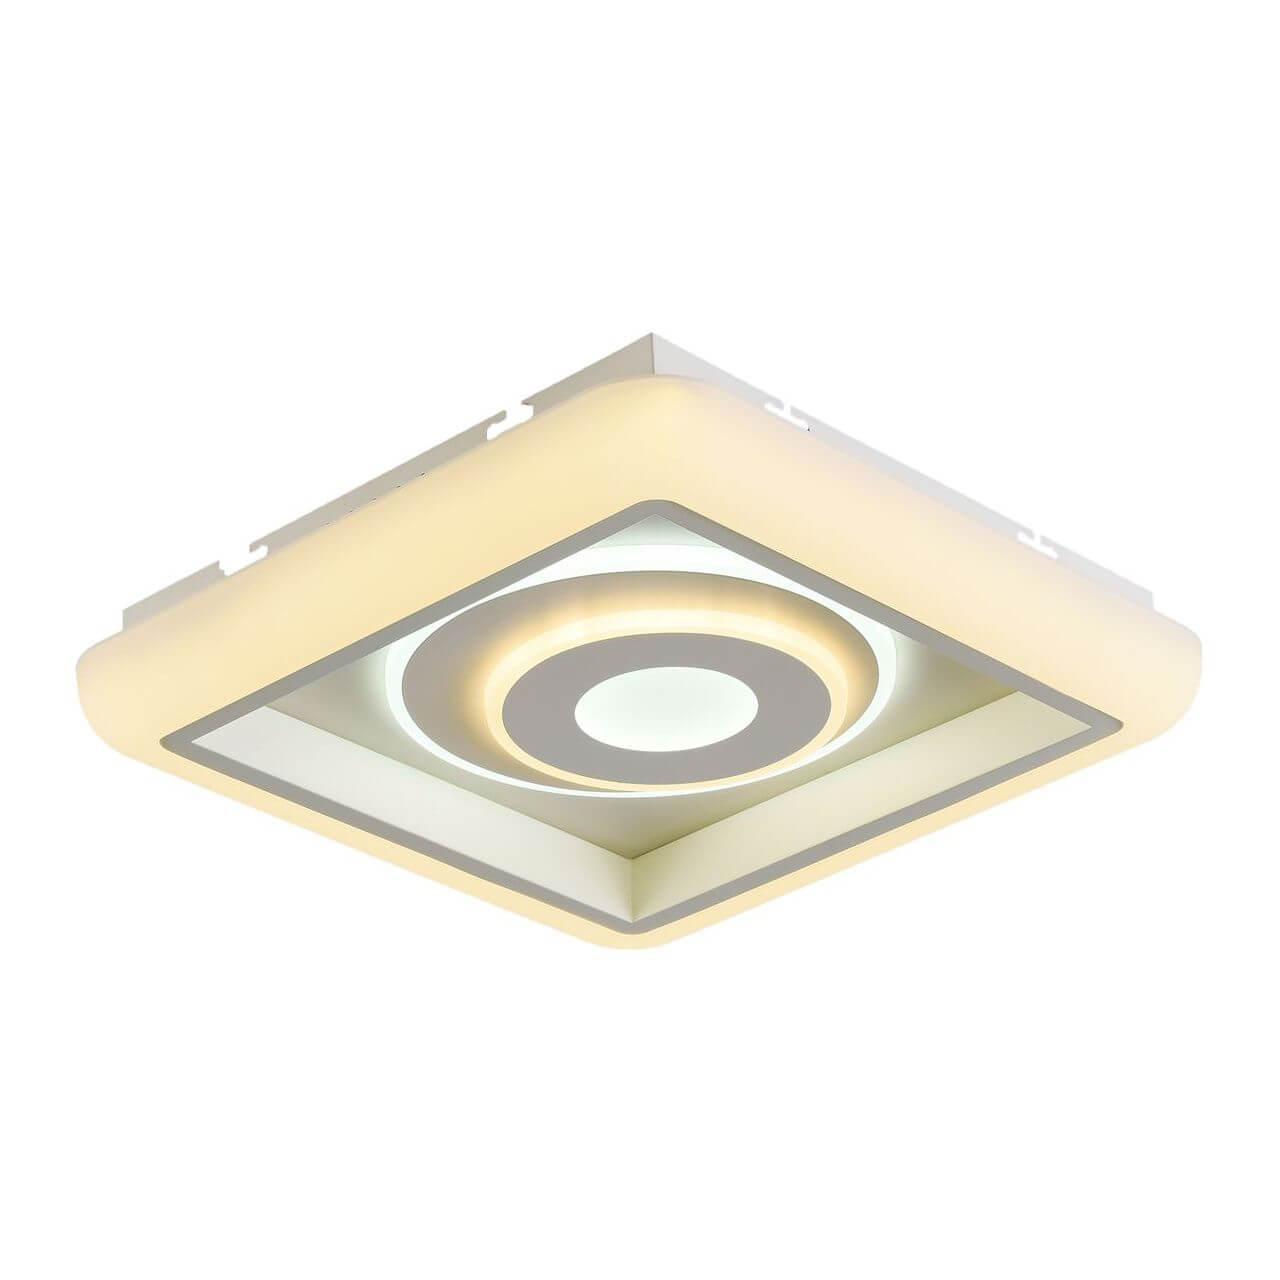 Потолочный светильник F-Promo 2283-5C, LED, 70 Вт светильник favourite ledolution 2283 5c